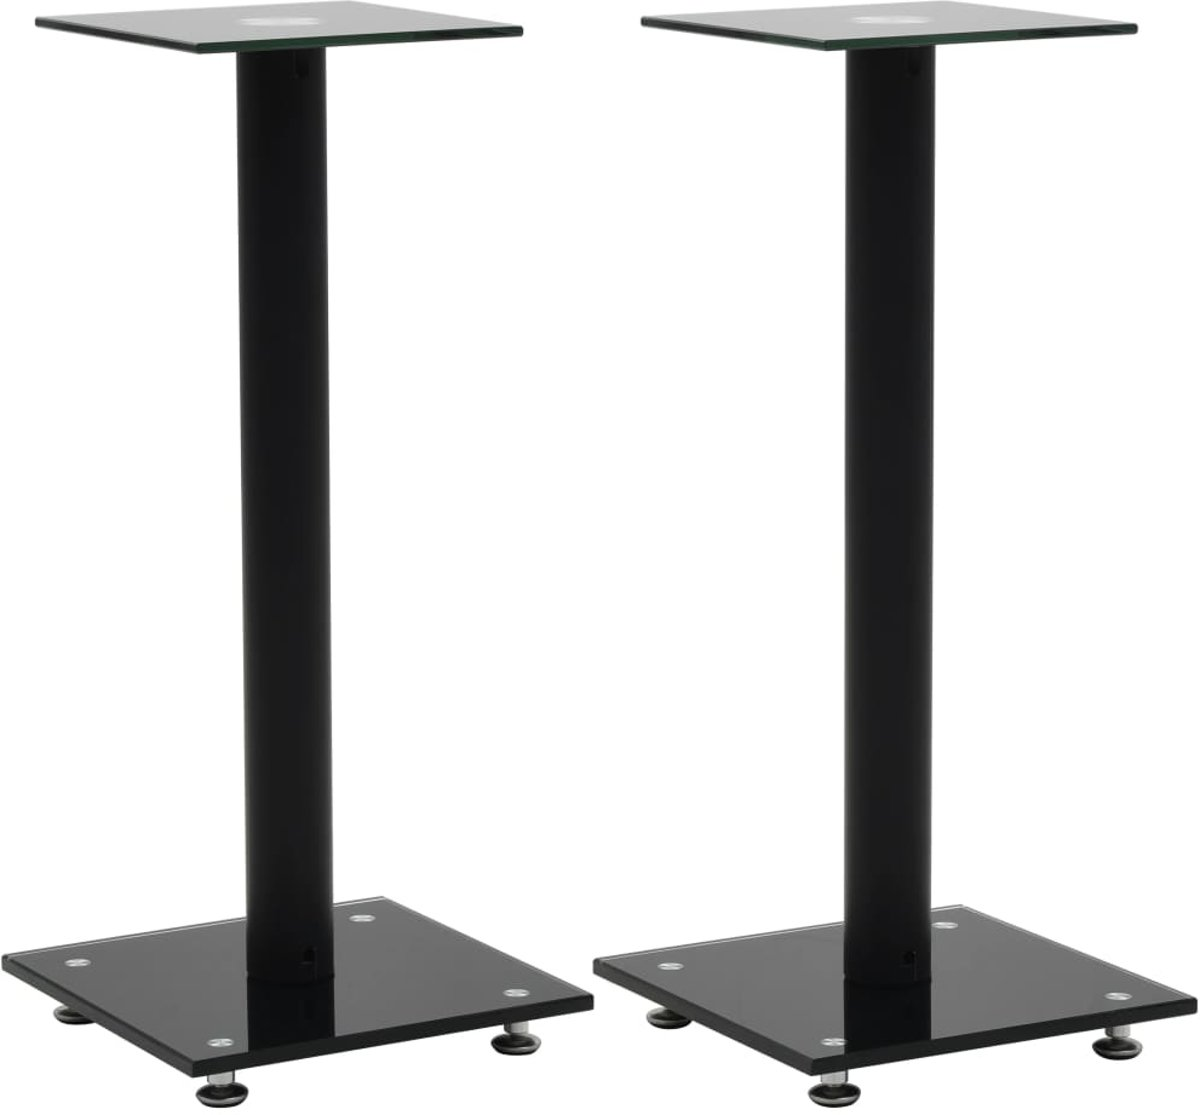 vidaXL Speakerstandaarden zuil-ontwerp gehard glas zwart 2 st kopen